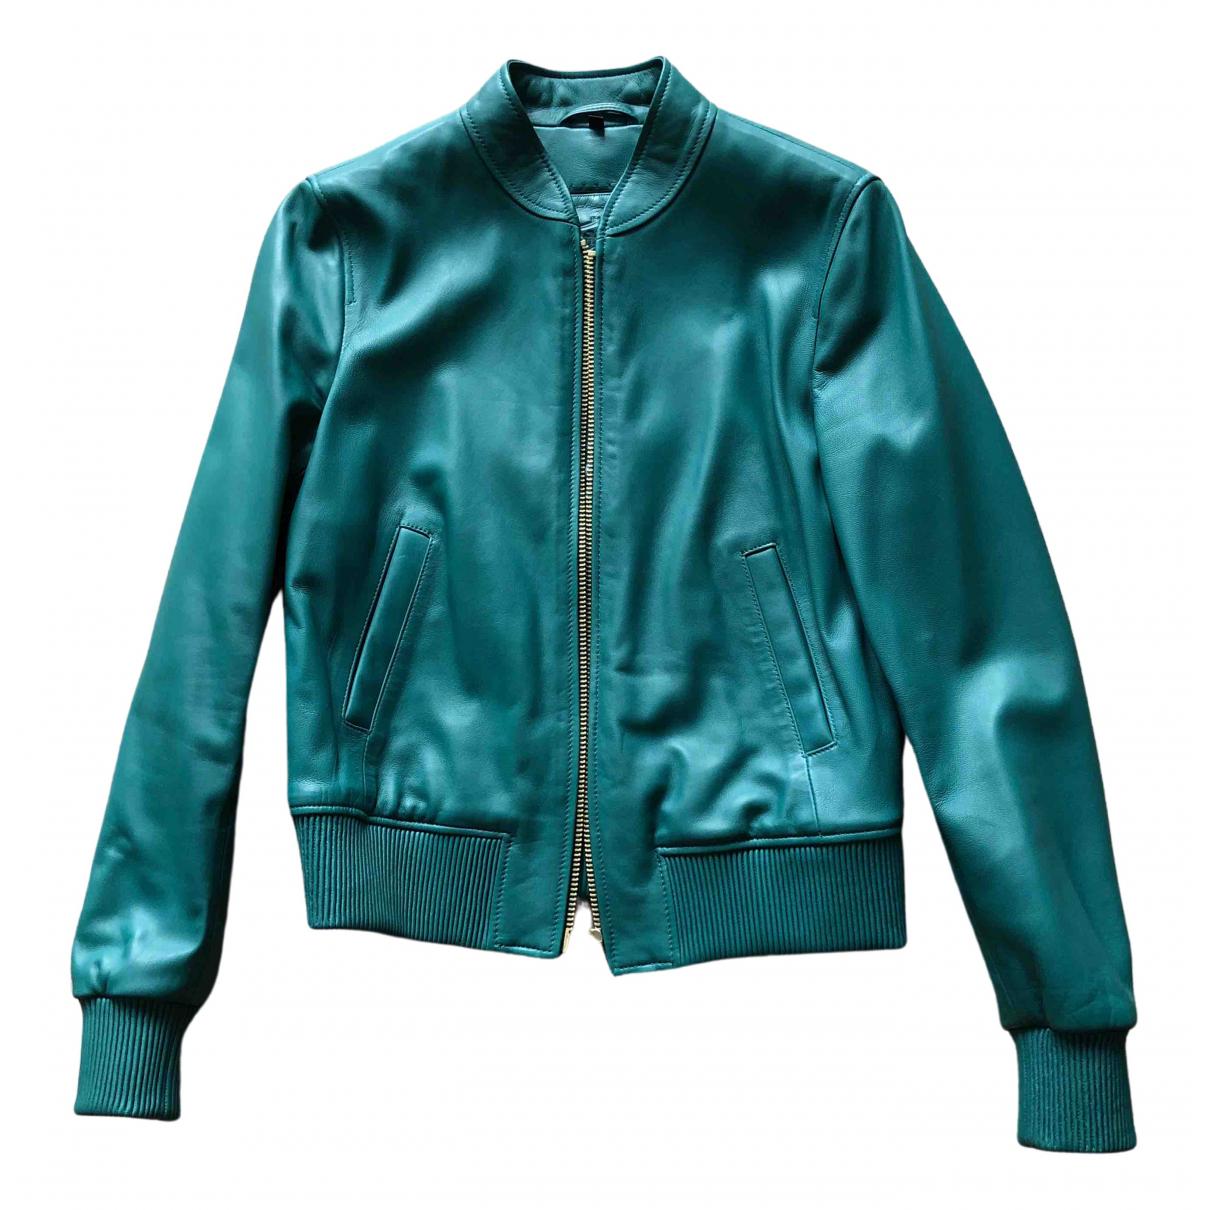 Massimo Dutti - Blouson   pour femme en cuir - turquoise